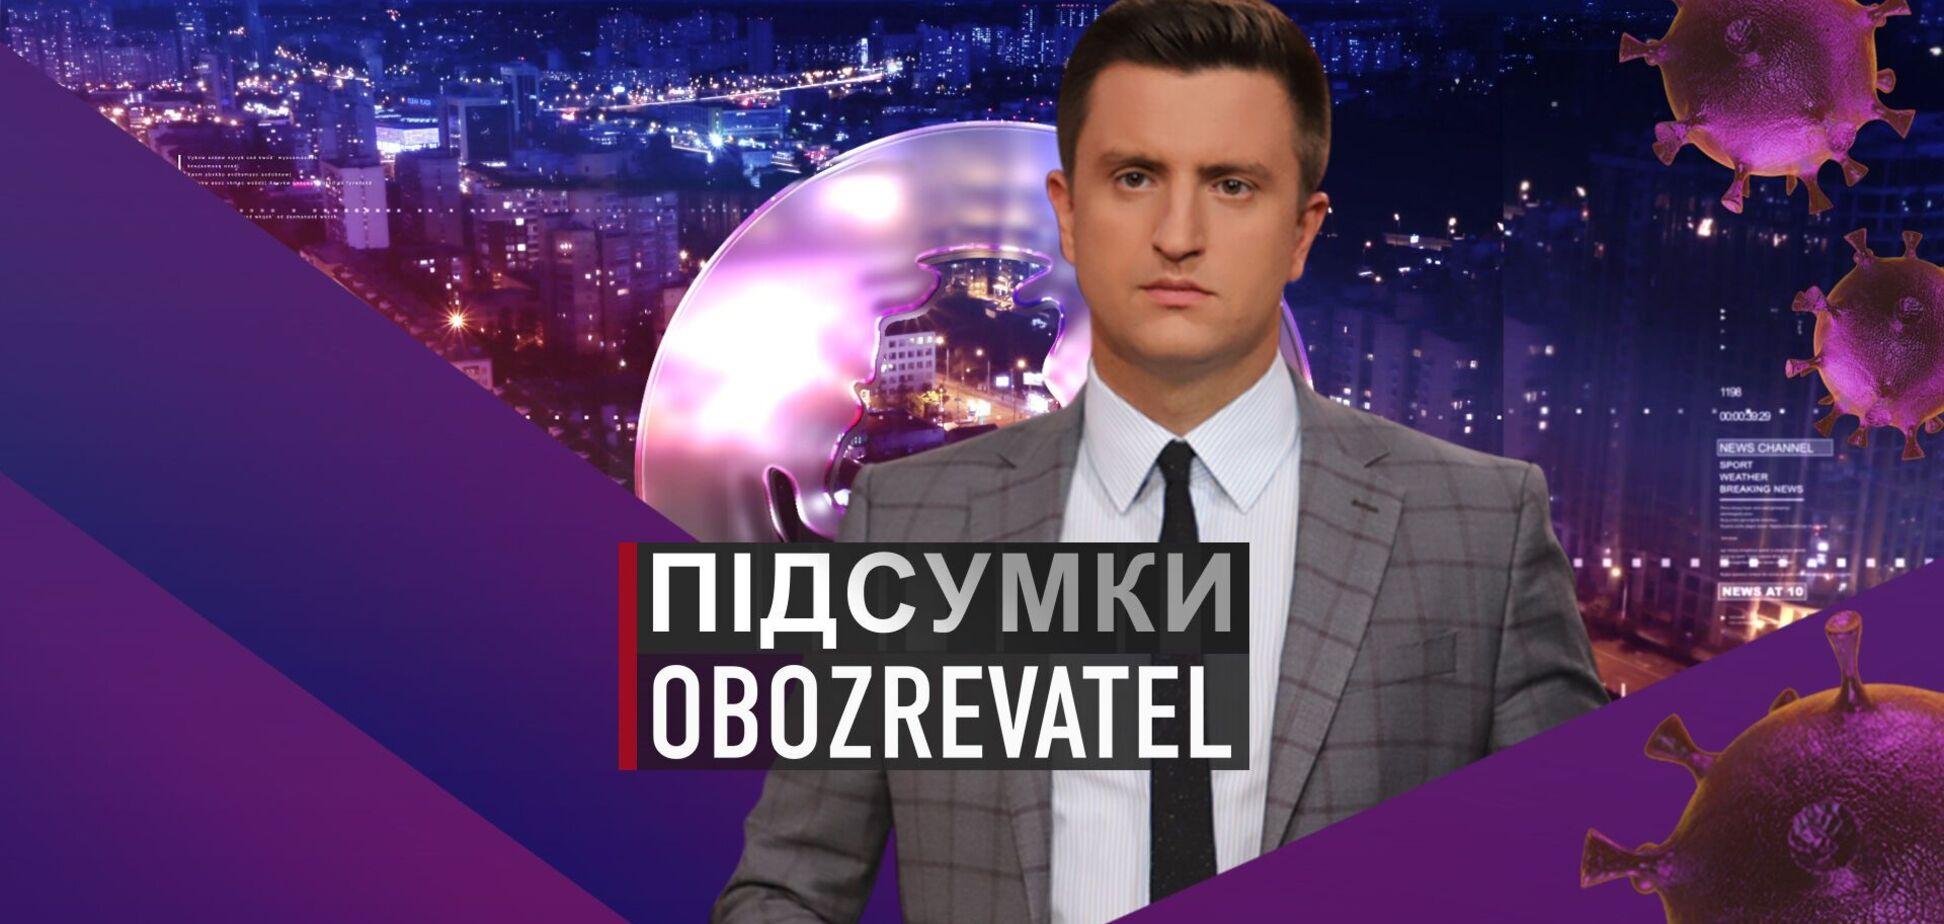 Підсумки с Вадимом Колодийчуком. Пятница, 26 марта